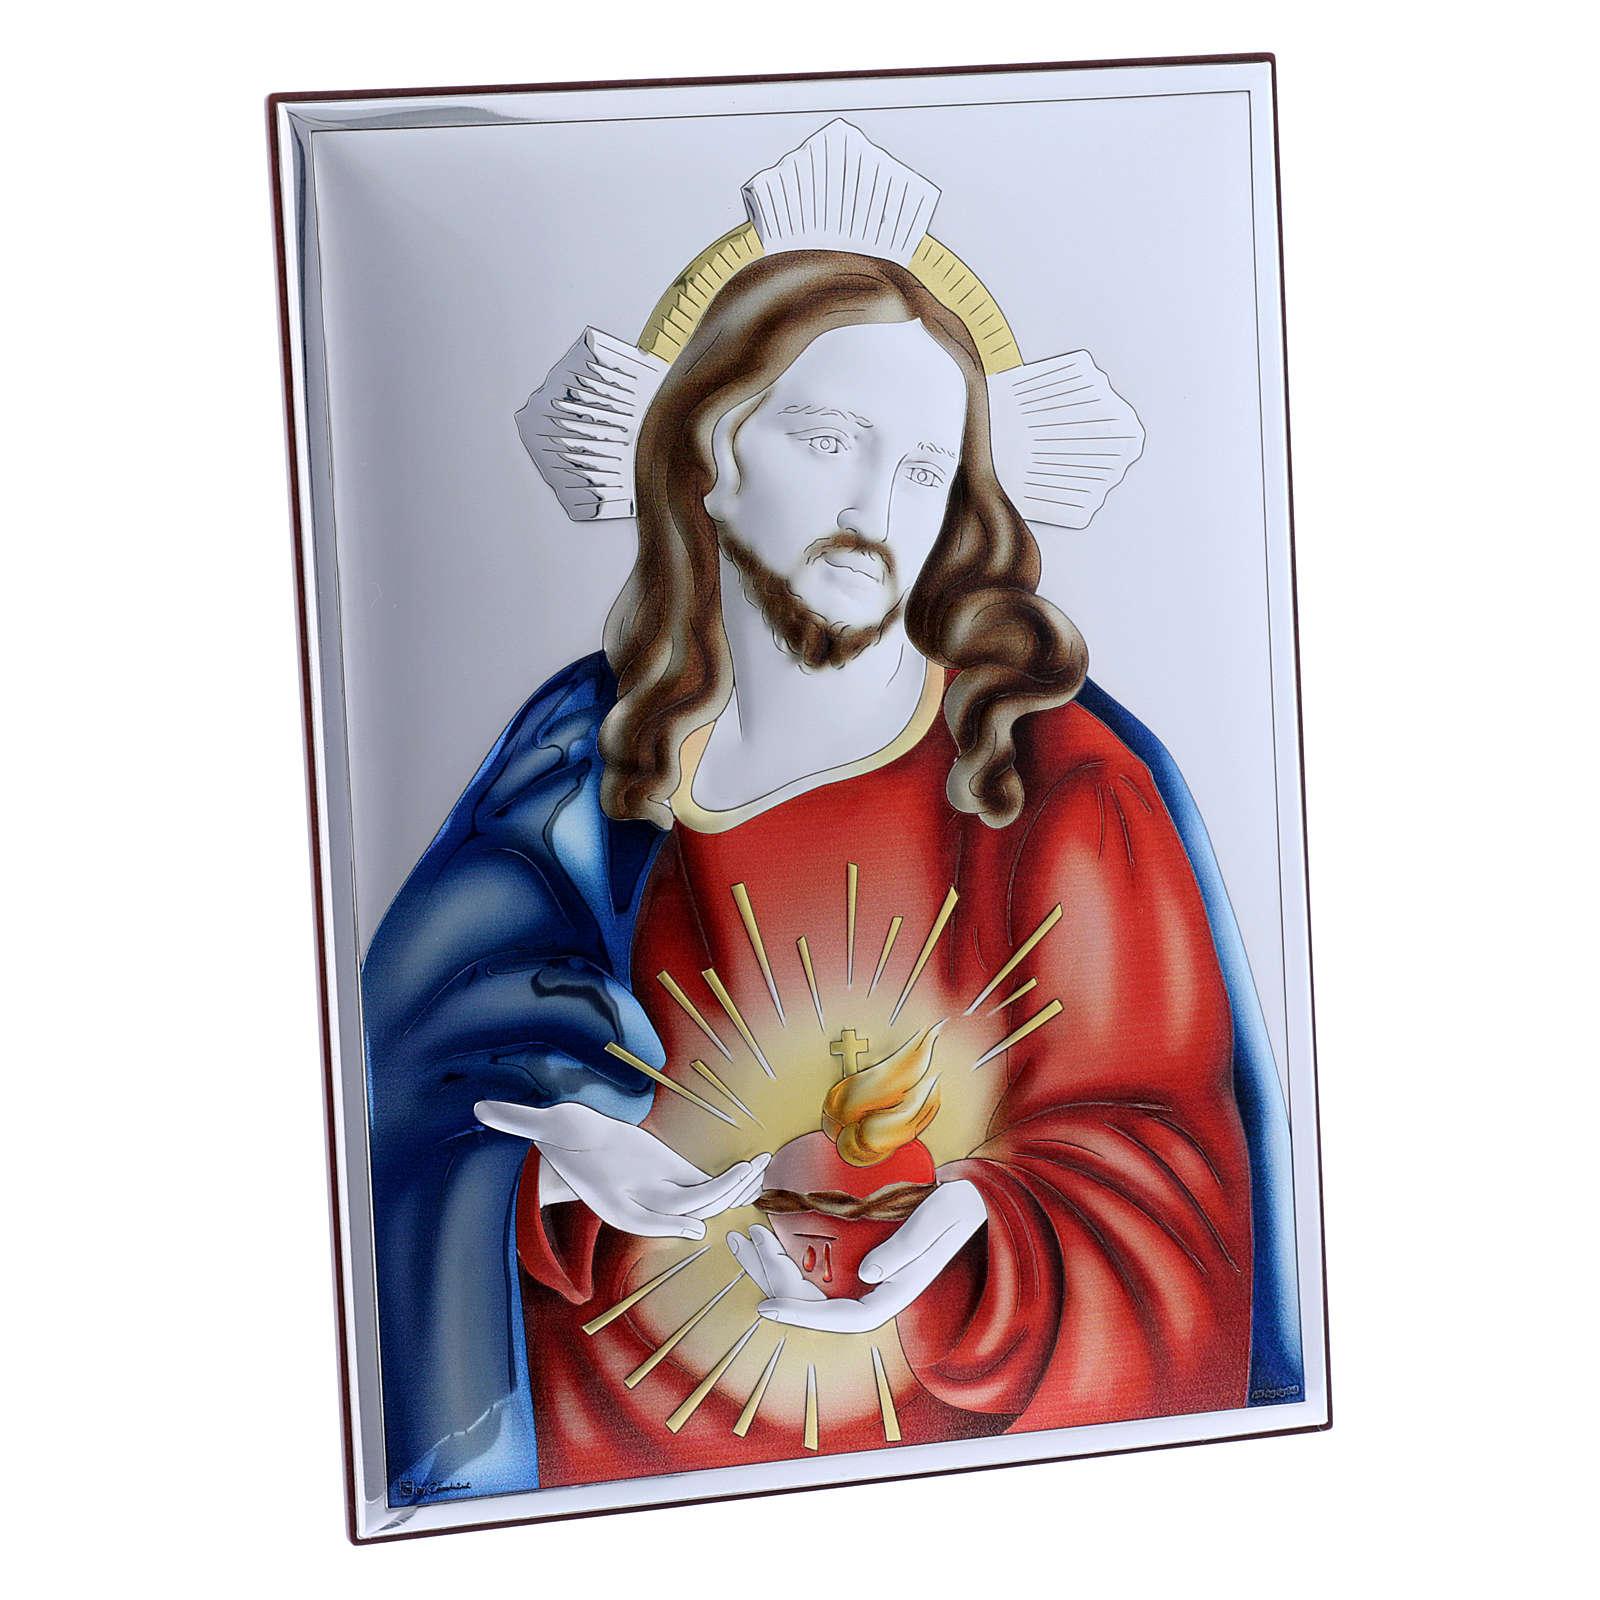 Obraz Najświętsze Serce Jezusa bilaminat kolorowy tył z prestiżowego drewna 26x19 cm 4